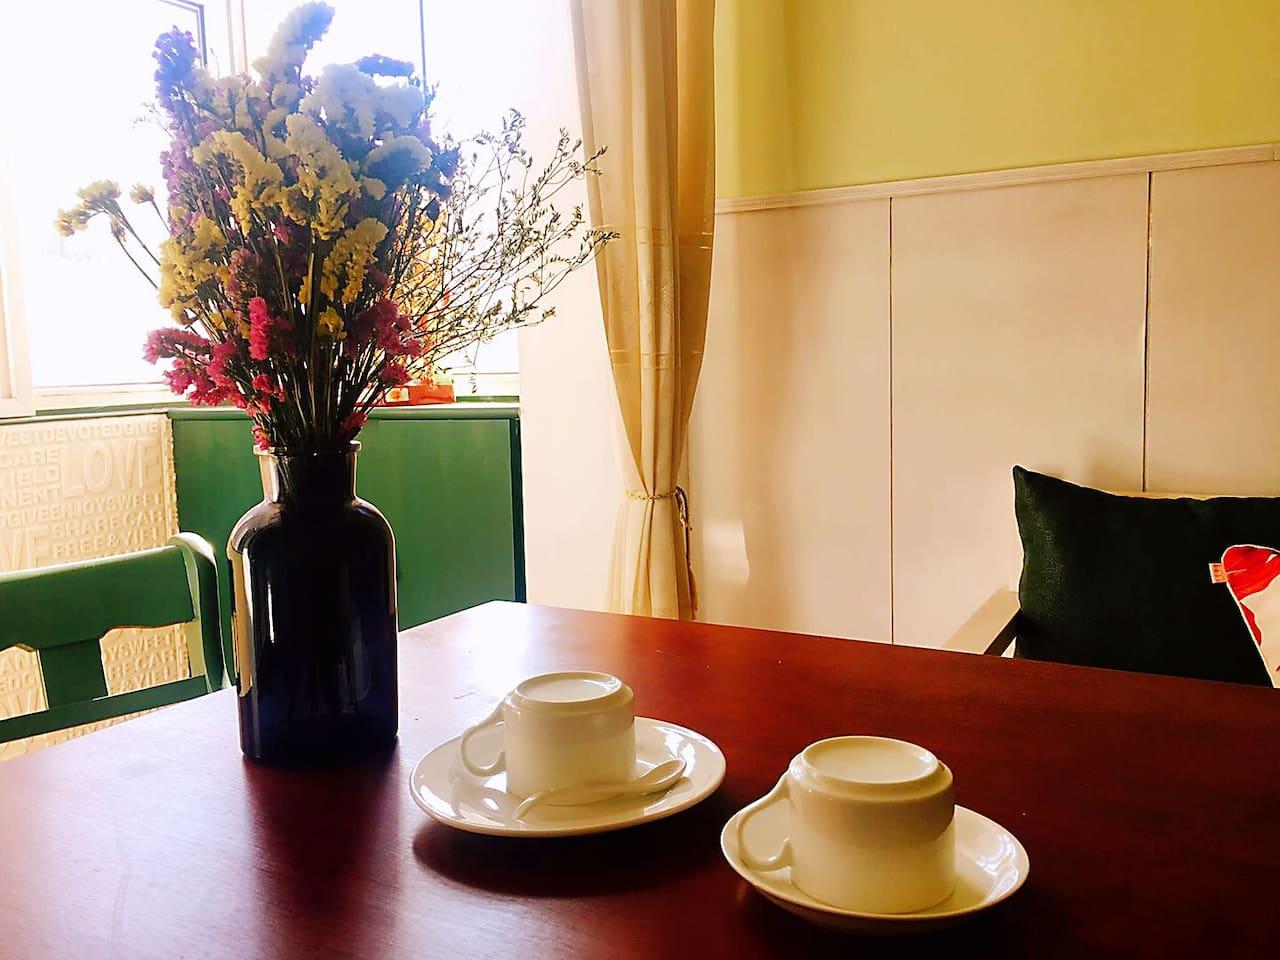 Maggie's Home 位于青岛老城区,体会地道老青岛的生活氛围... 共有两间卧室、一间客厅(带阳台)、独立卫生间、独立厨房... 带给您浪漫情怀的居住感受...